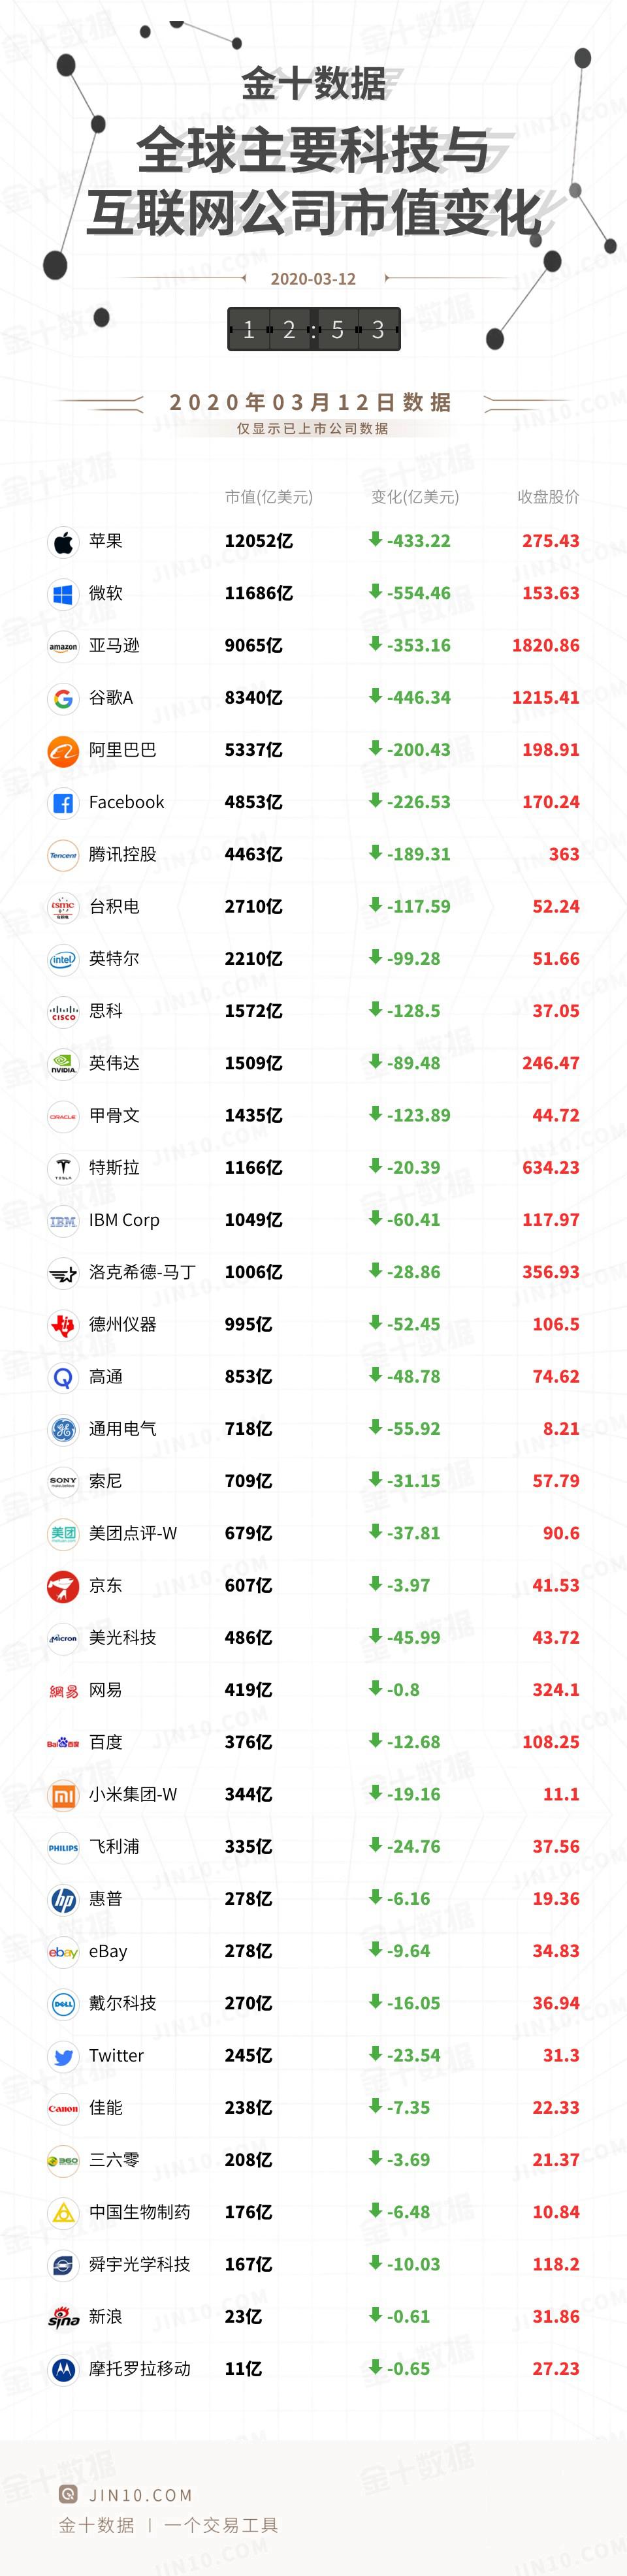 全球主要科技与互联网于中国互联网公司市值变动一览